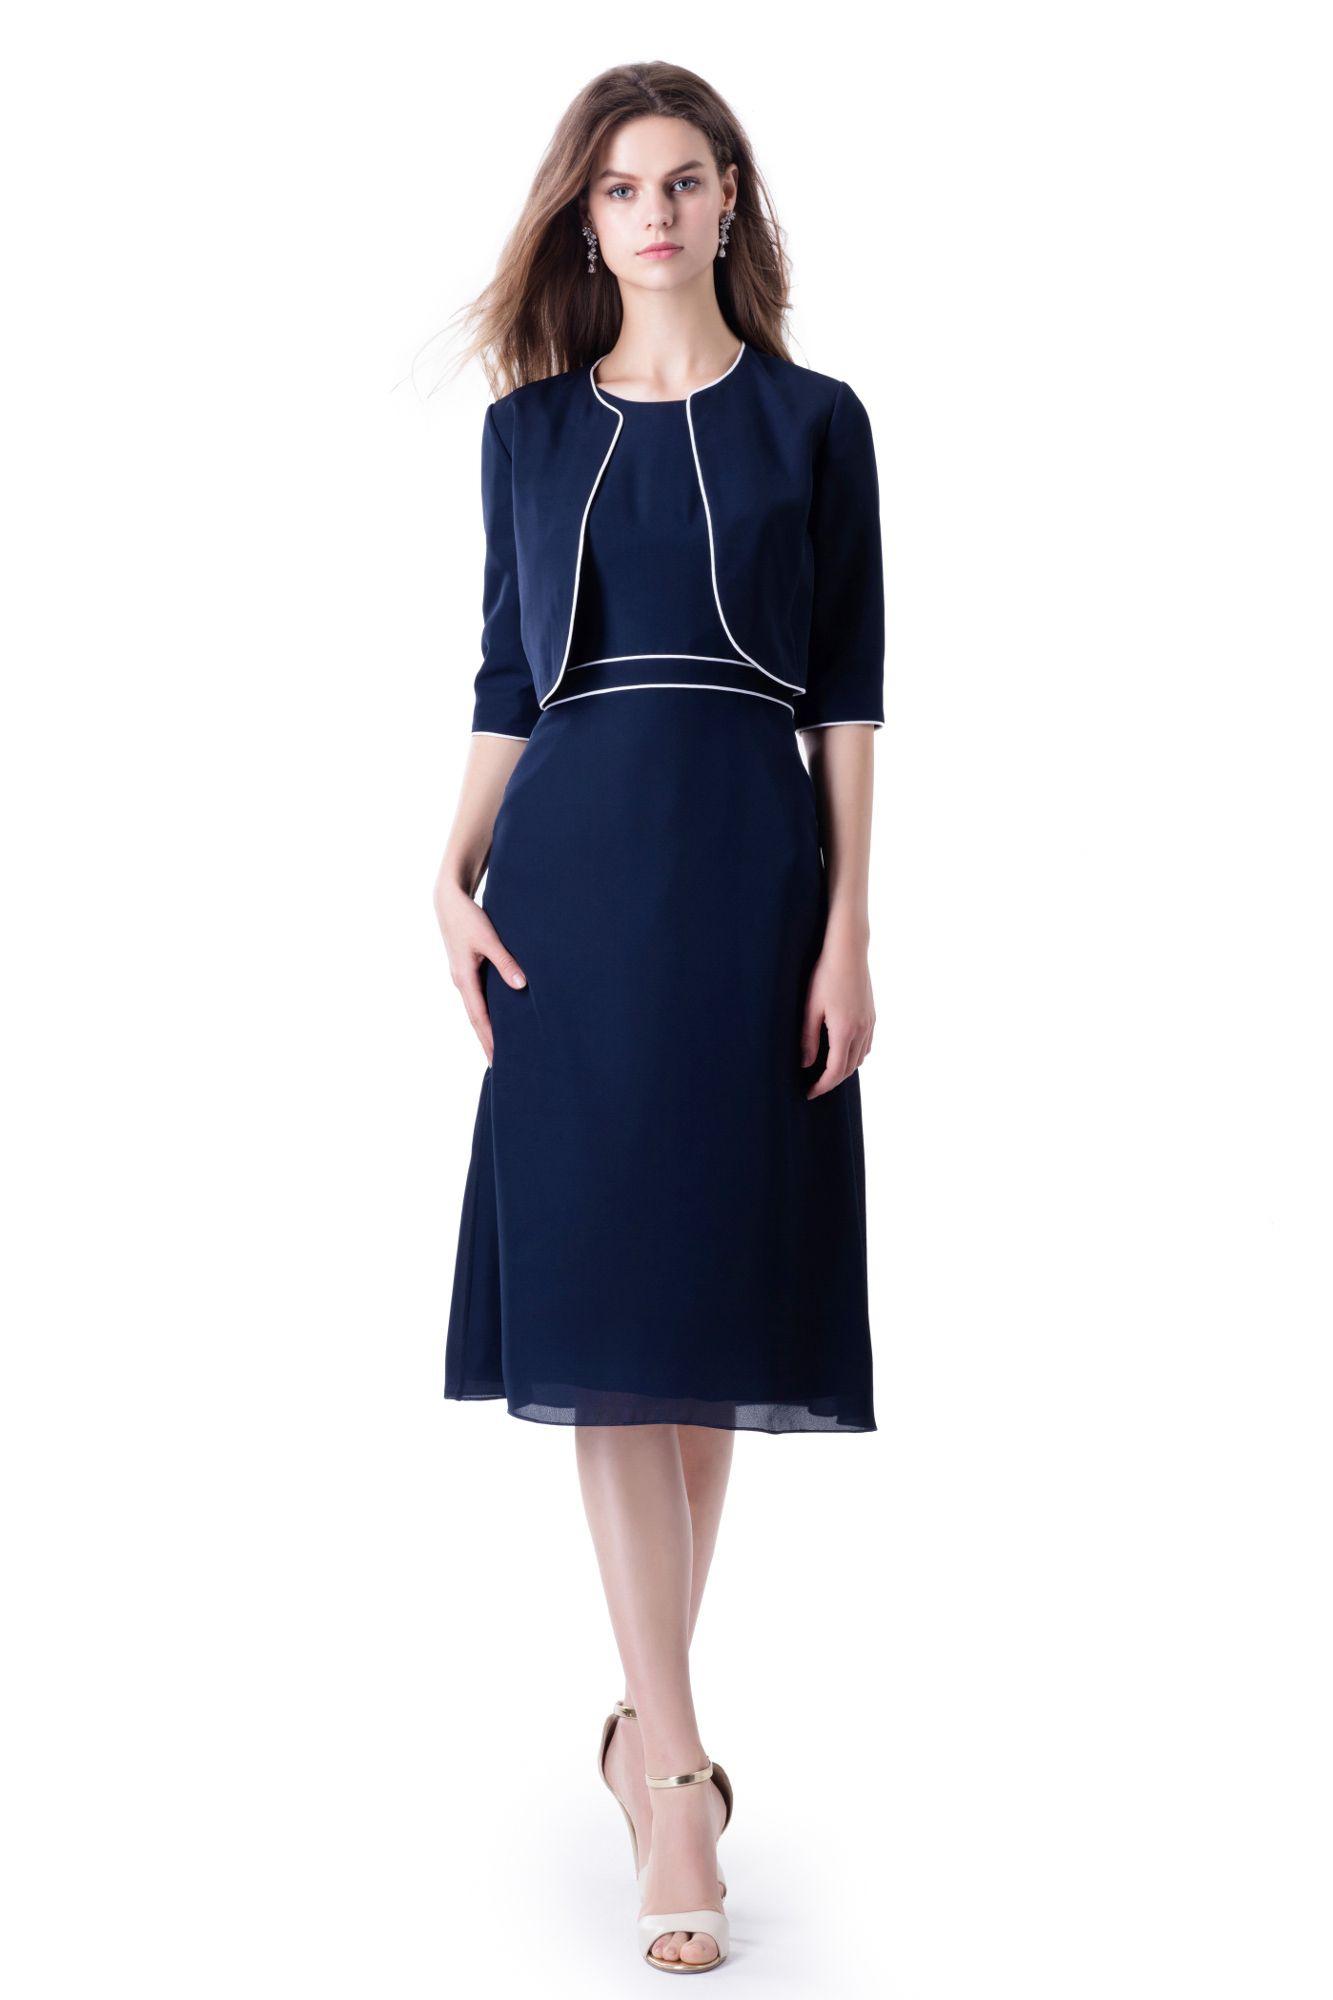 Formal Großartig Jacke Für Abendkleid Vertrieb10 Genial Jacke Für Abendkleid für 2019